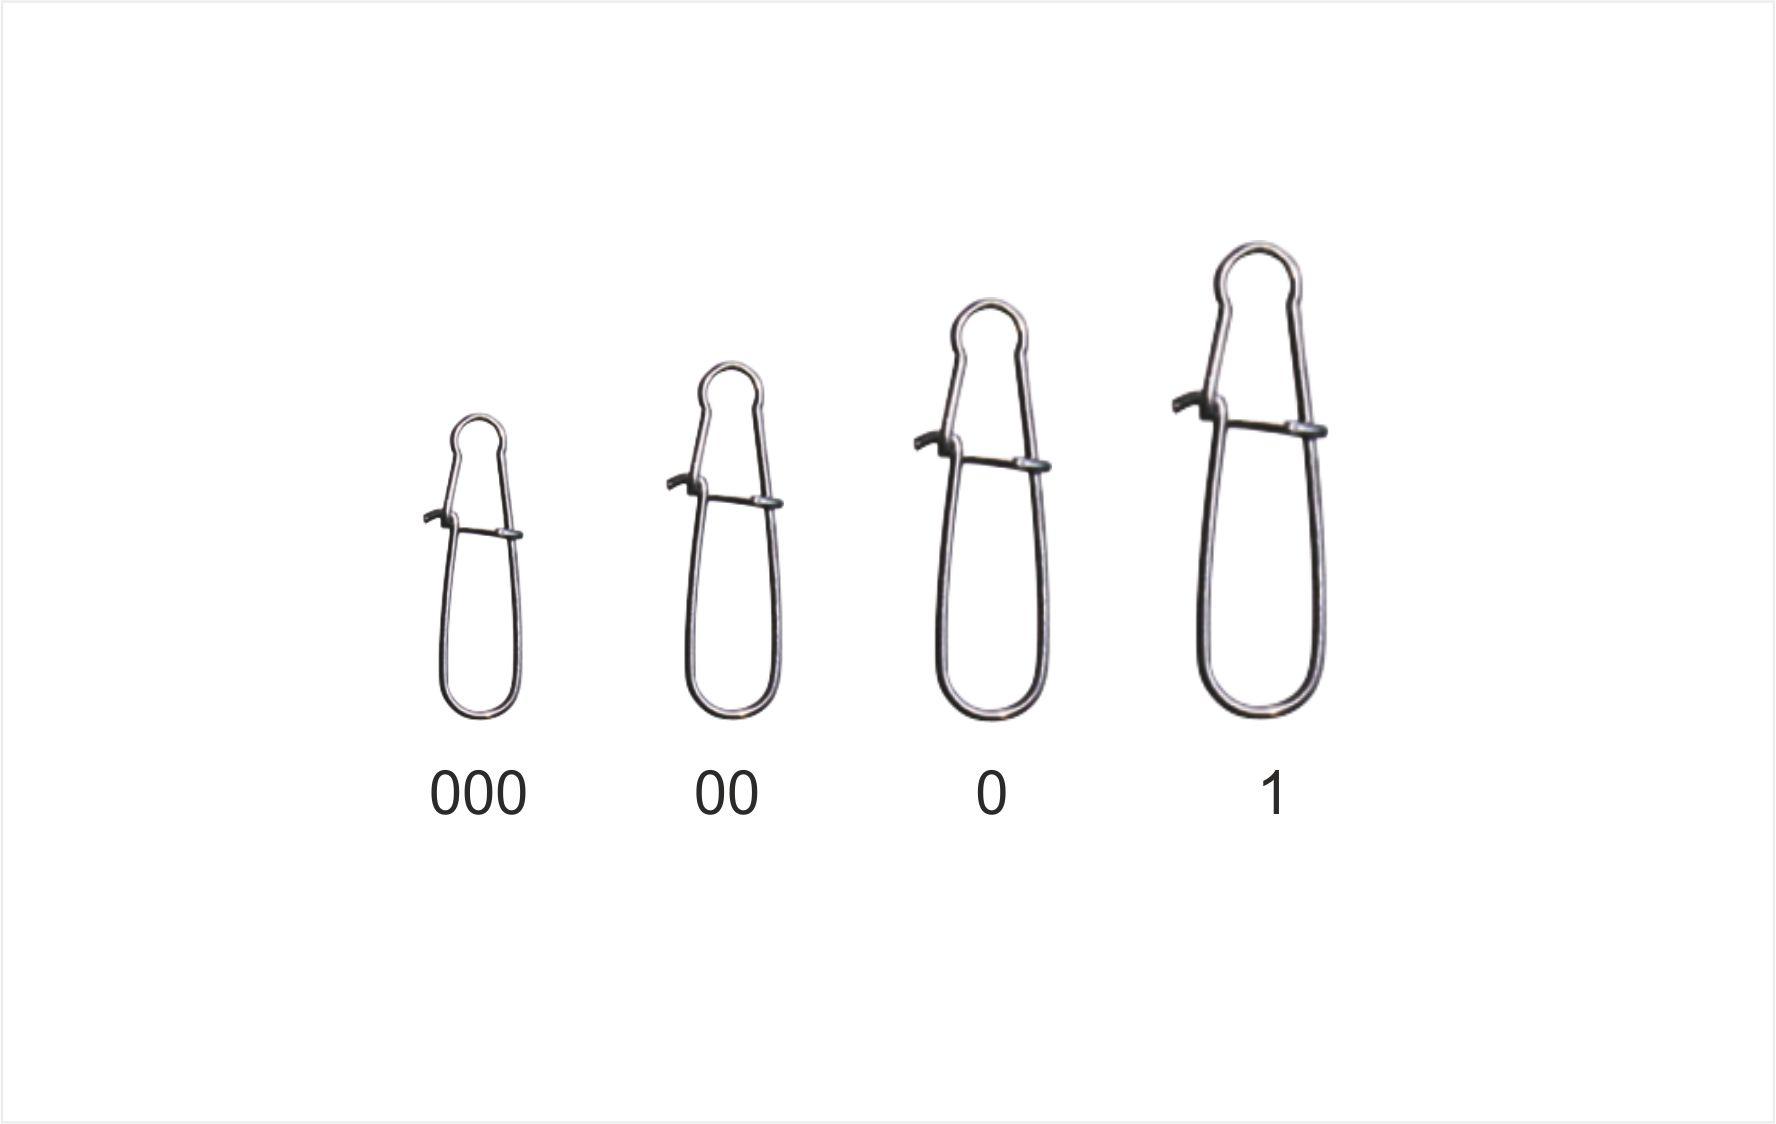 Mistrall karabinka vel. 1, 10 ks/bal